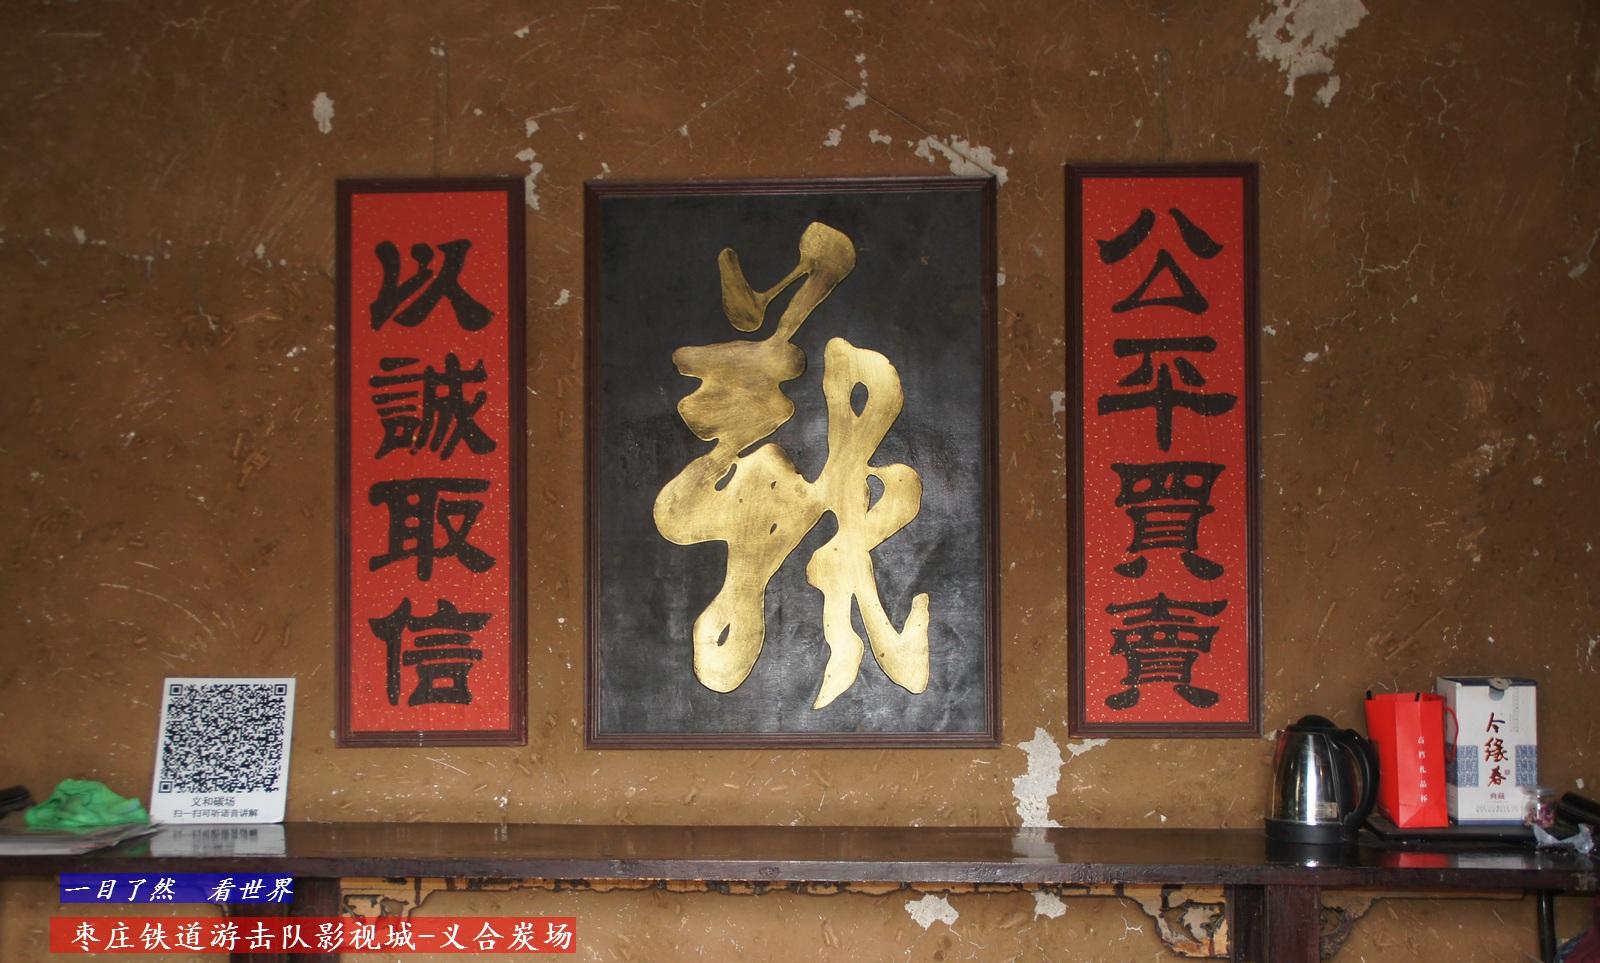 枣庄铁道游击队影视城